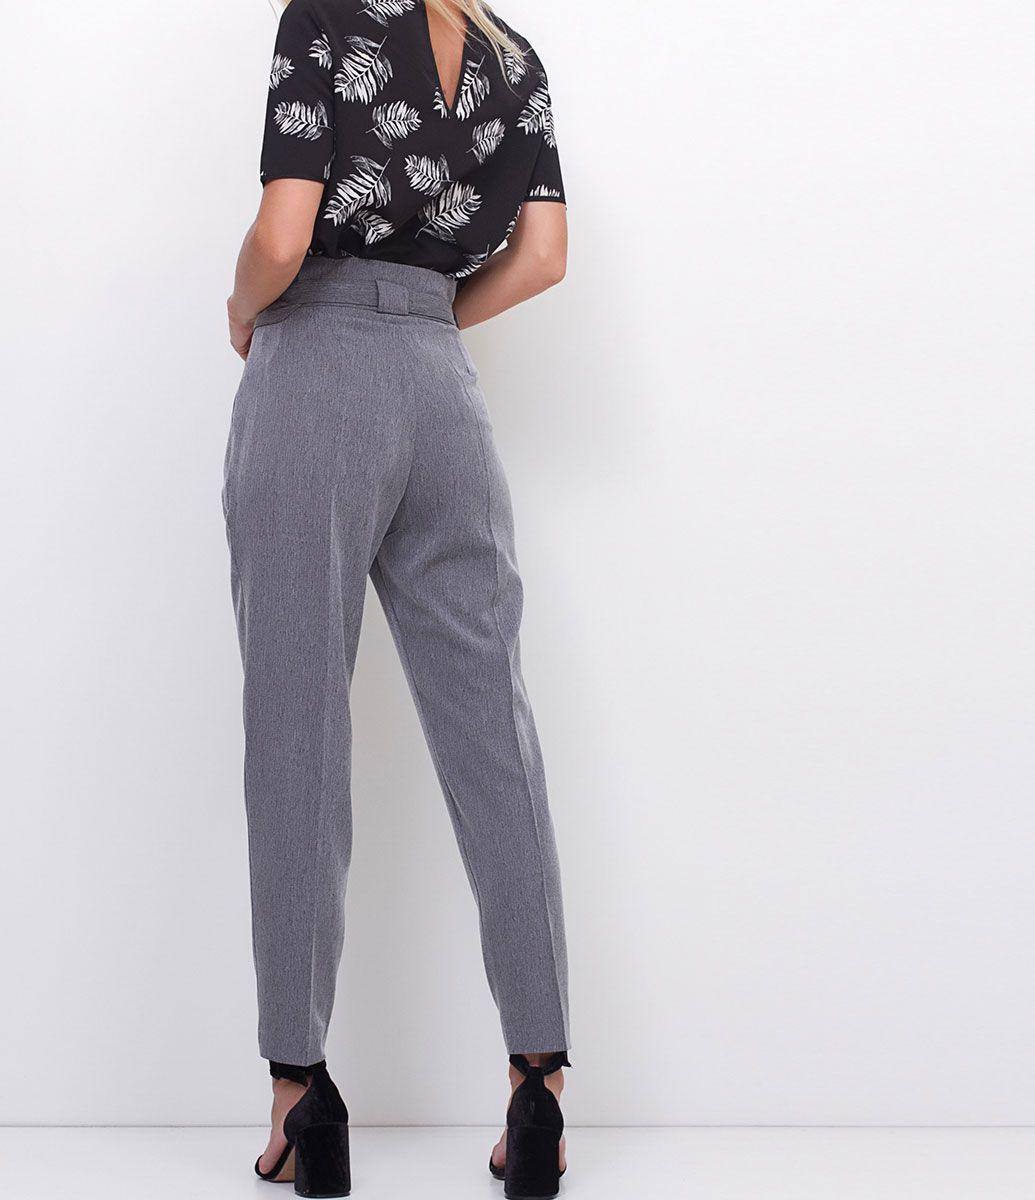 29e50f3c5c Calça feminina Modelo reta Com cinto Marca  Cortelle Tecido  Alfaiataria  Composição  100%